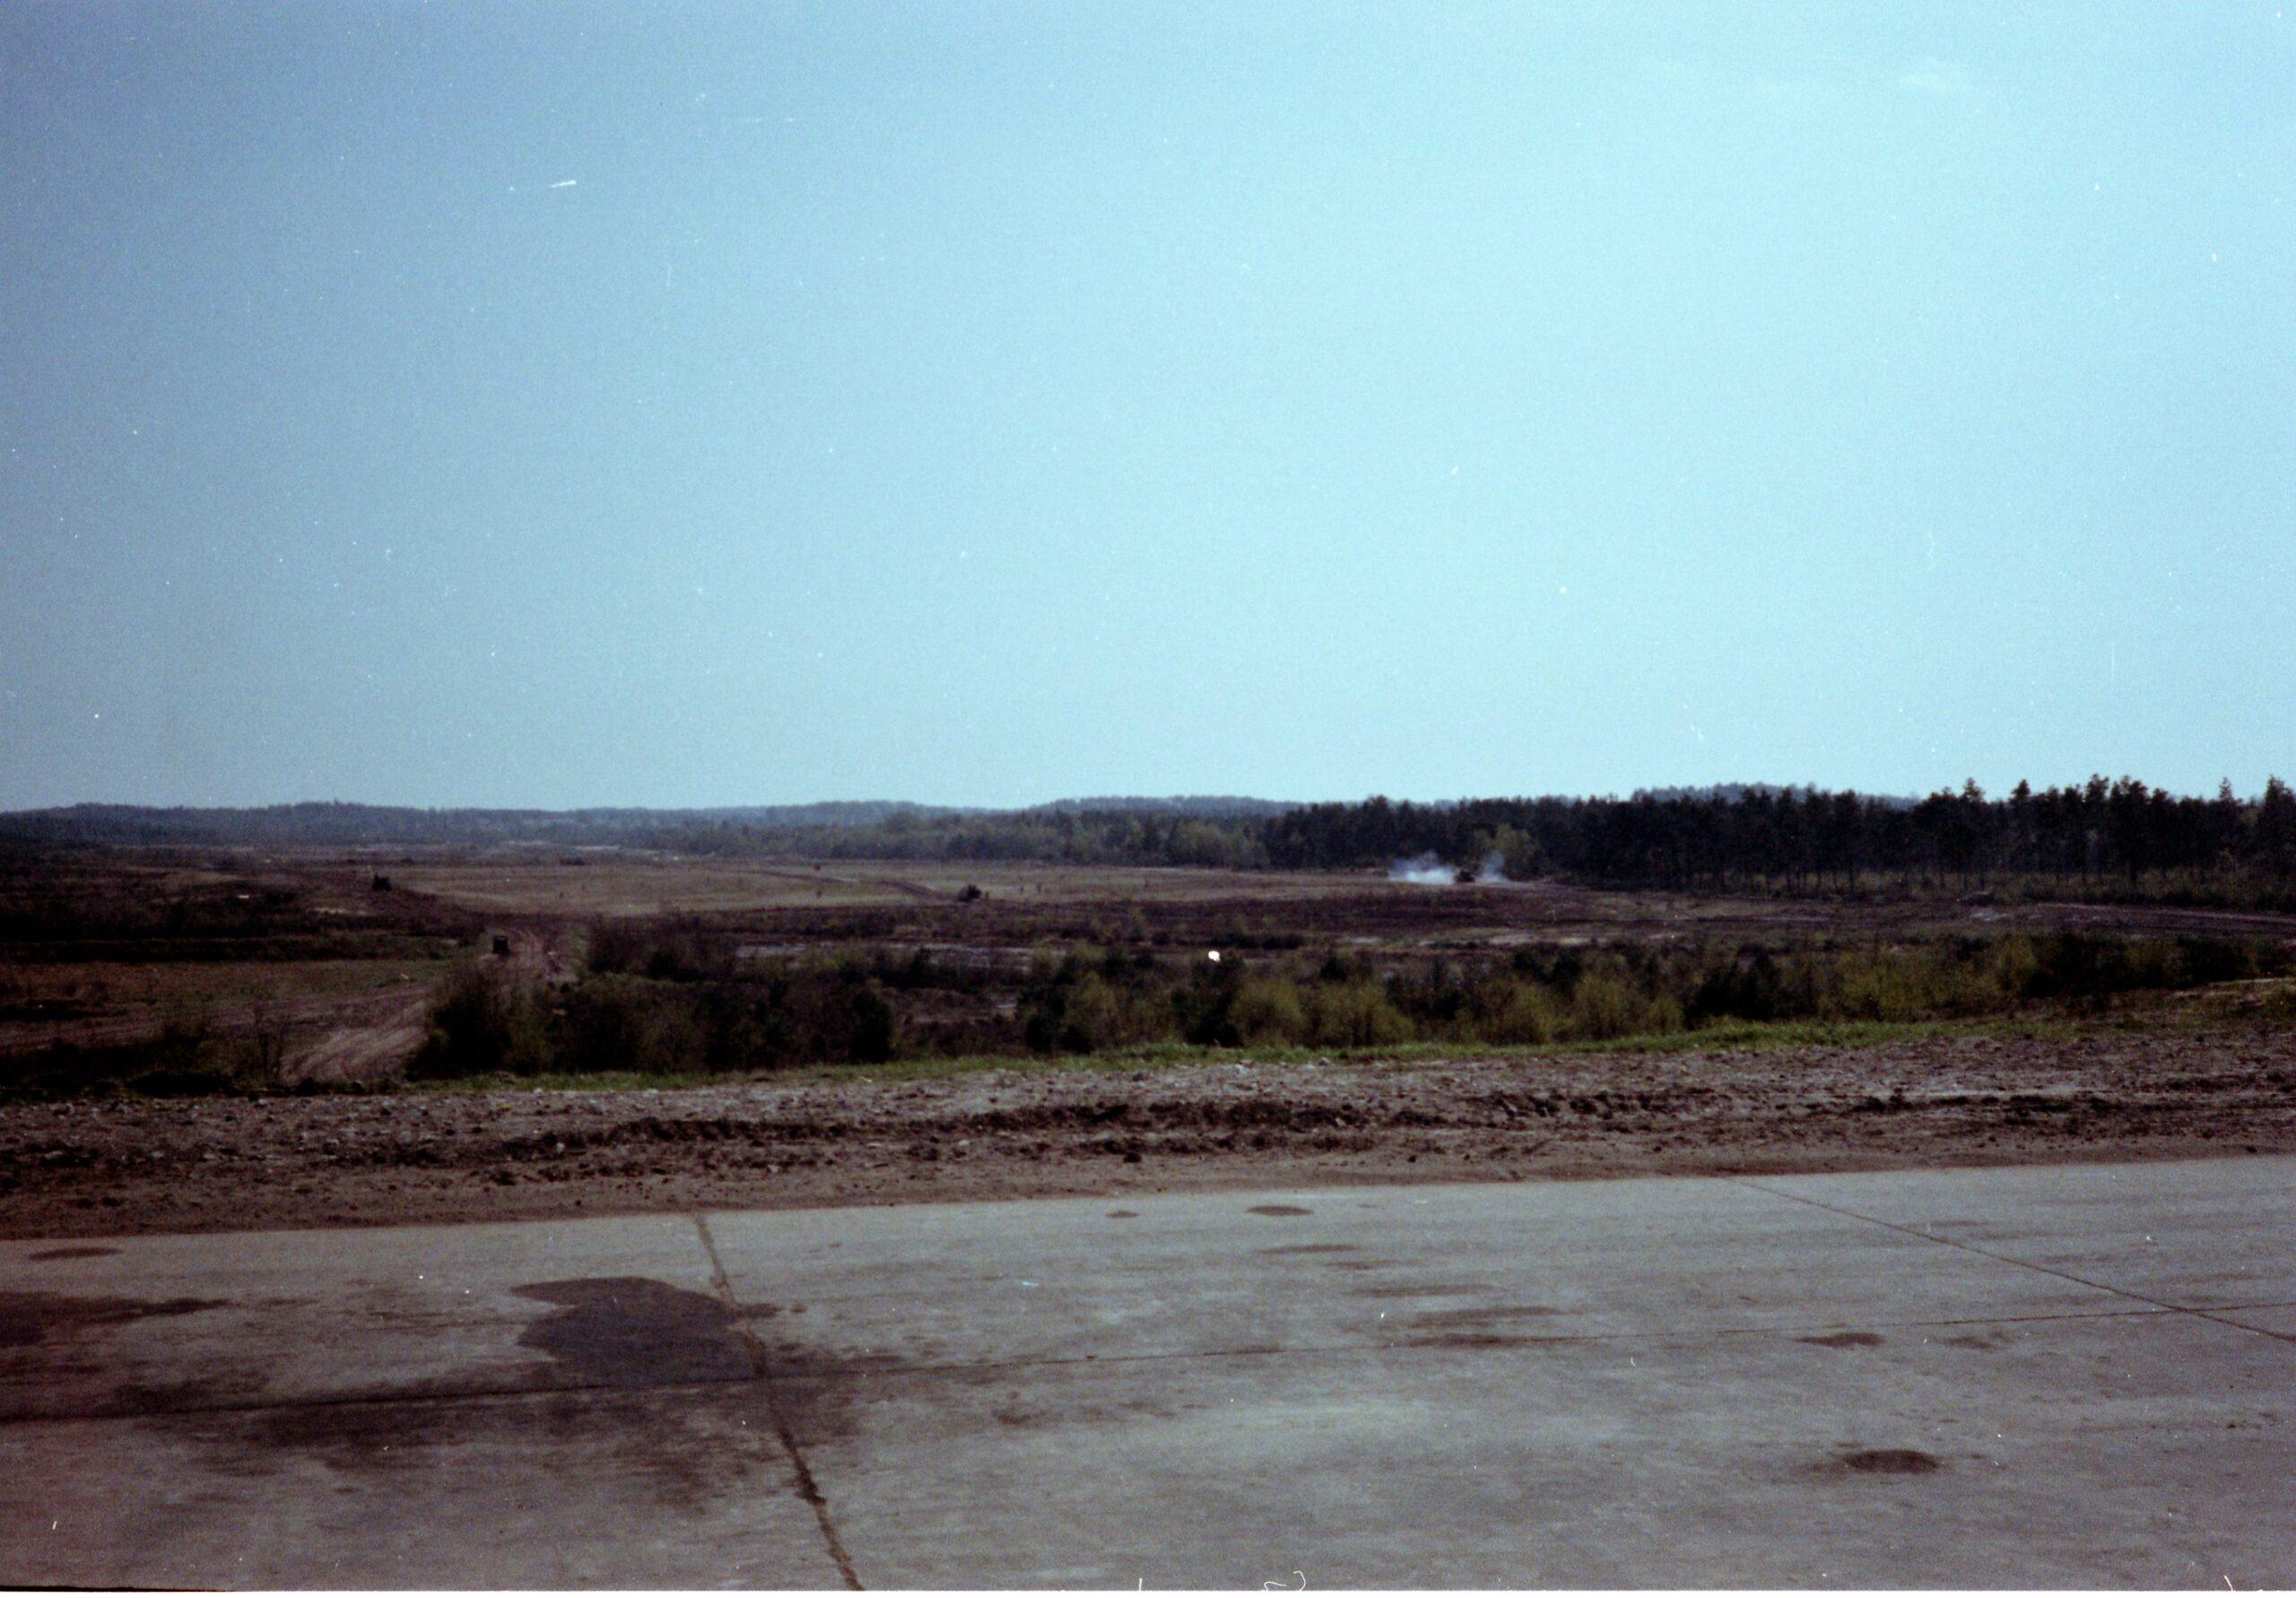 1983 1987 B Esk 103 Verkbat Schietseries gereedmaken en de gevolgen. Inz. Wmr I Jan Pol 33